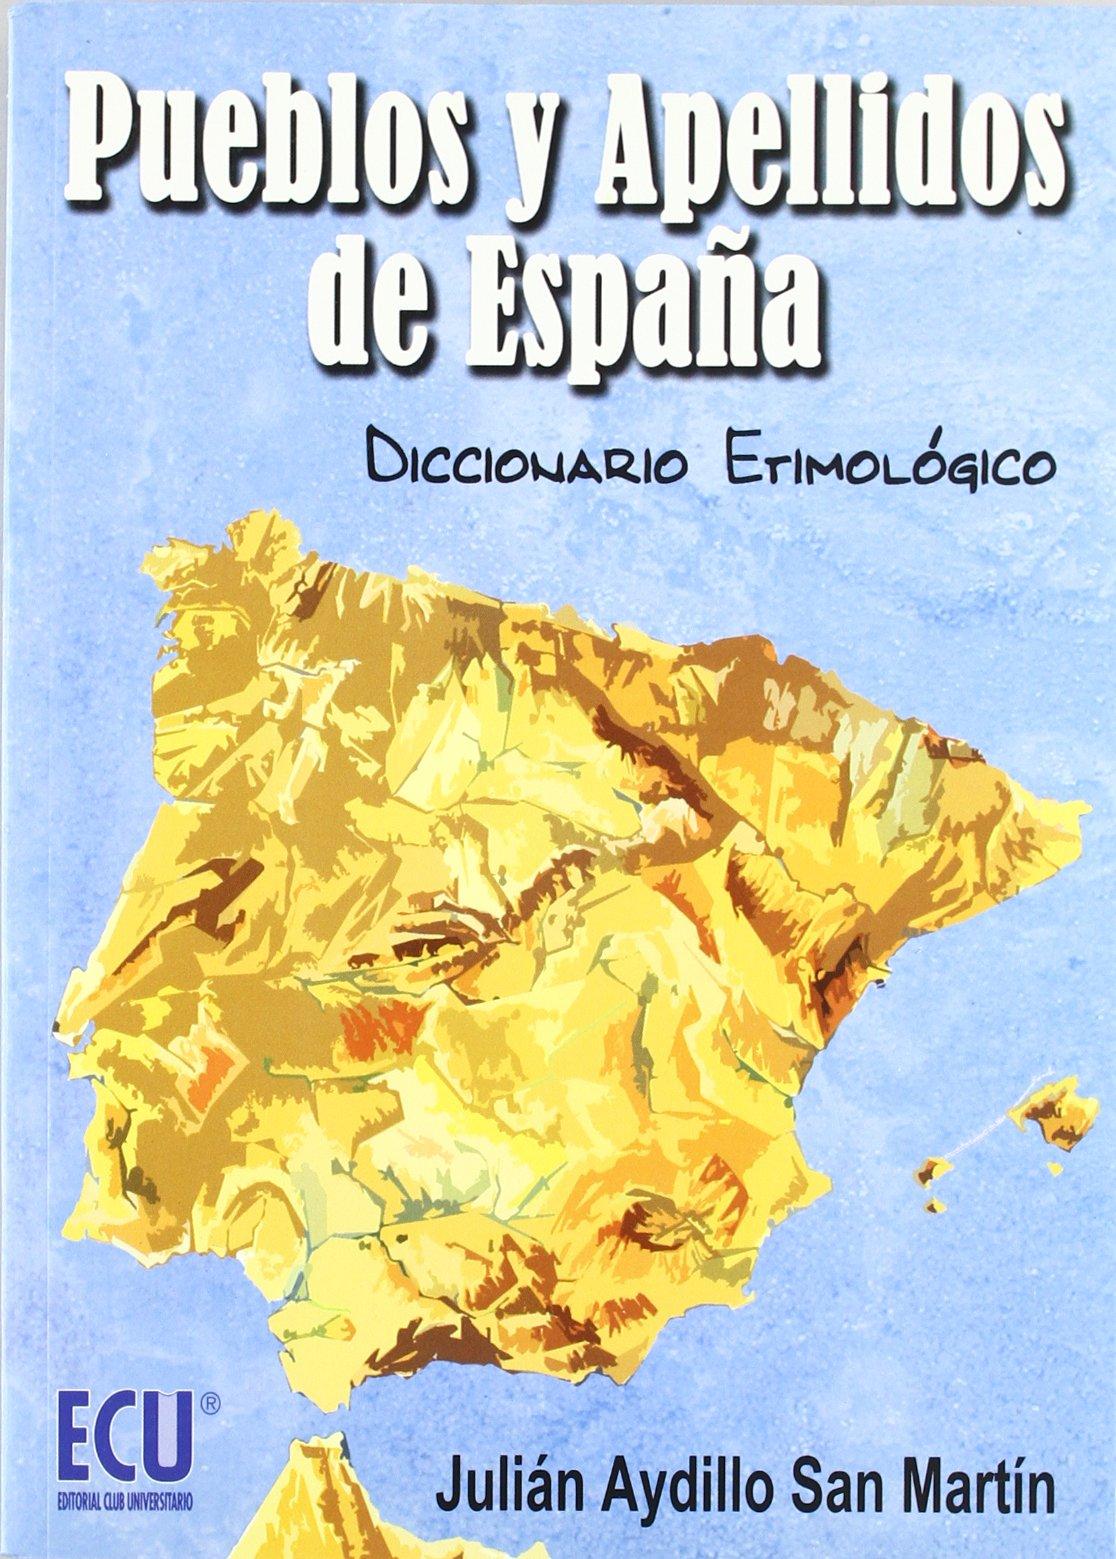 Pueblos y apellidos de España: Diccionario Etimológico: Amazon.es: Aydillo San Martín, Julián: Libros